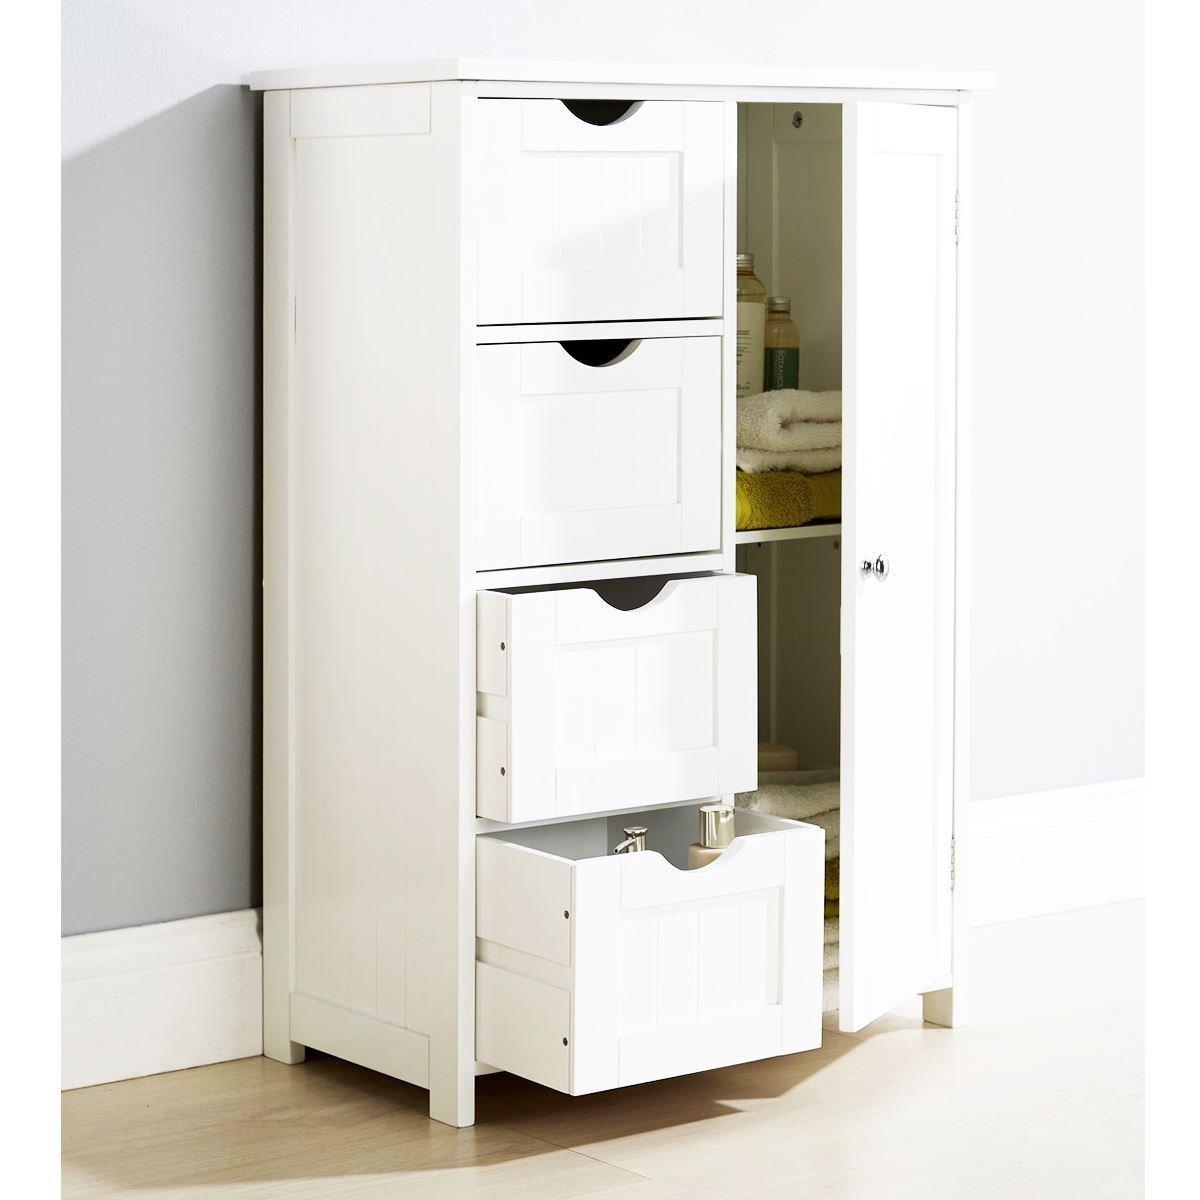 Meuble de rangement Pour salle de bain et chambre /à coucher Armoire en bois blanc